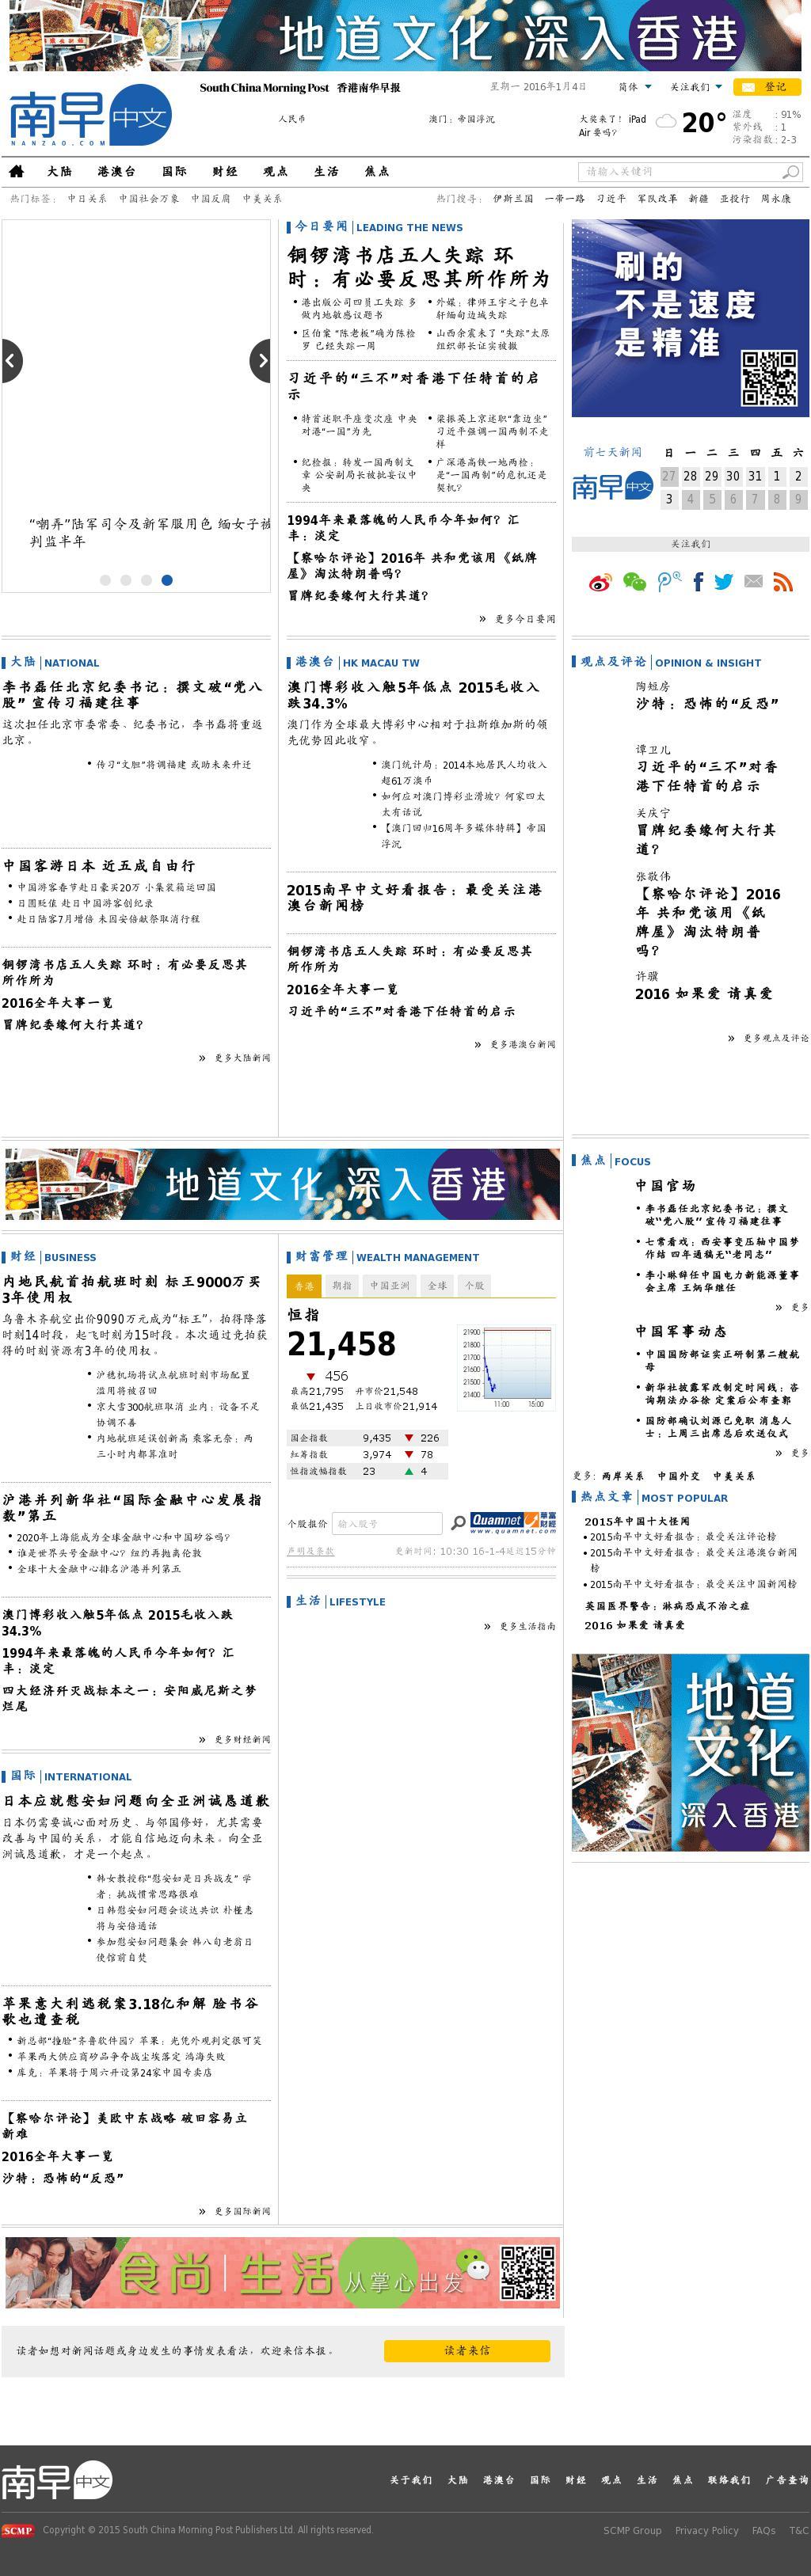 South China Morning Post (Chinese) at Monday Jan. 4, 2016, 2:32 a.m. UTC